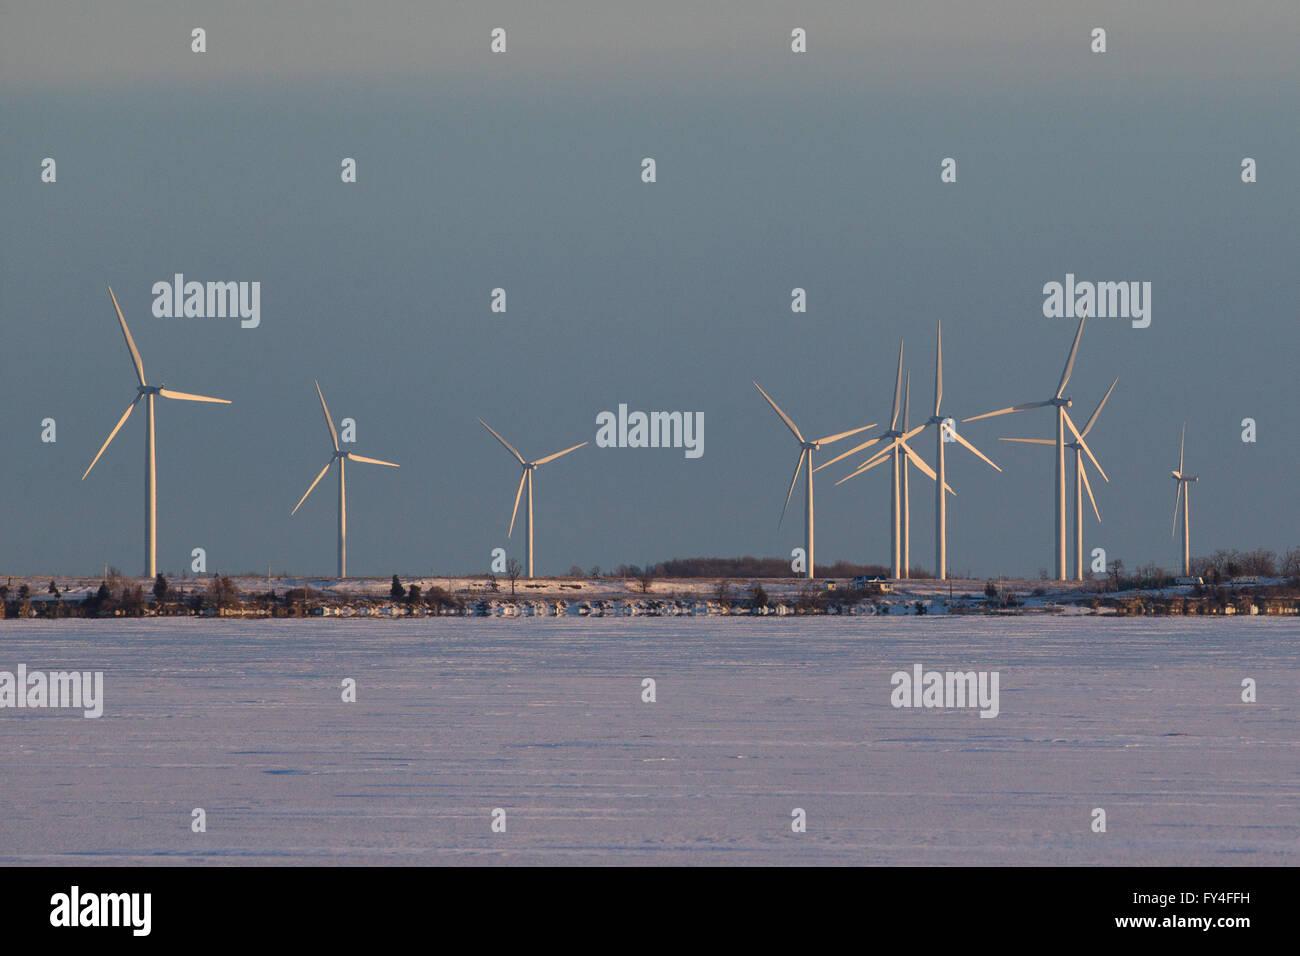 Windkraftanlagen auf Wolfe Island, Ontario, am 3. März 2016. Stockbild